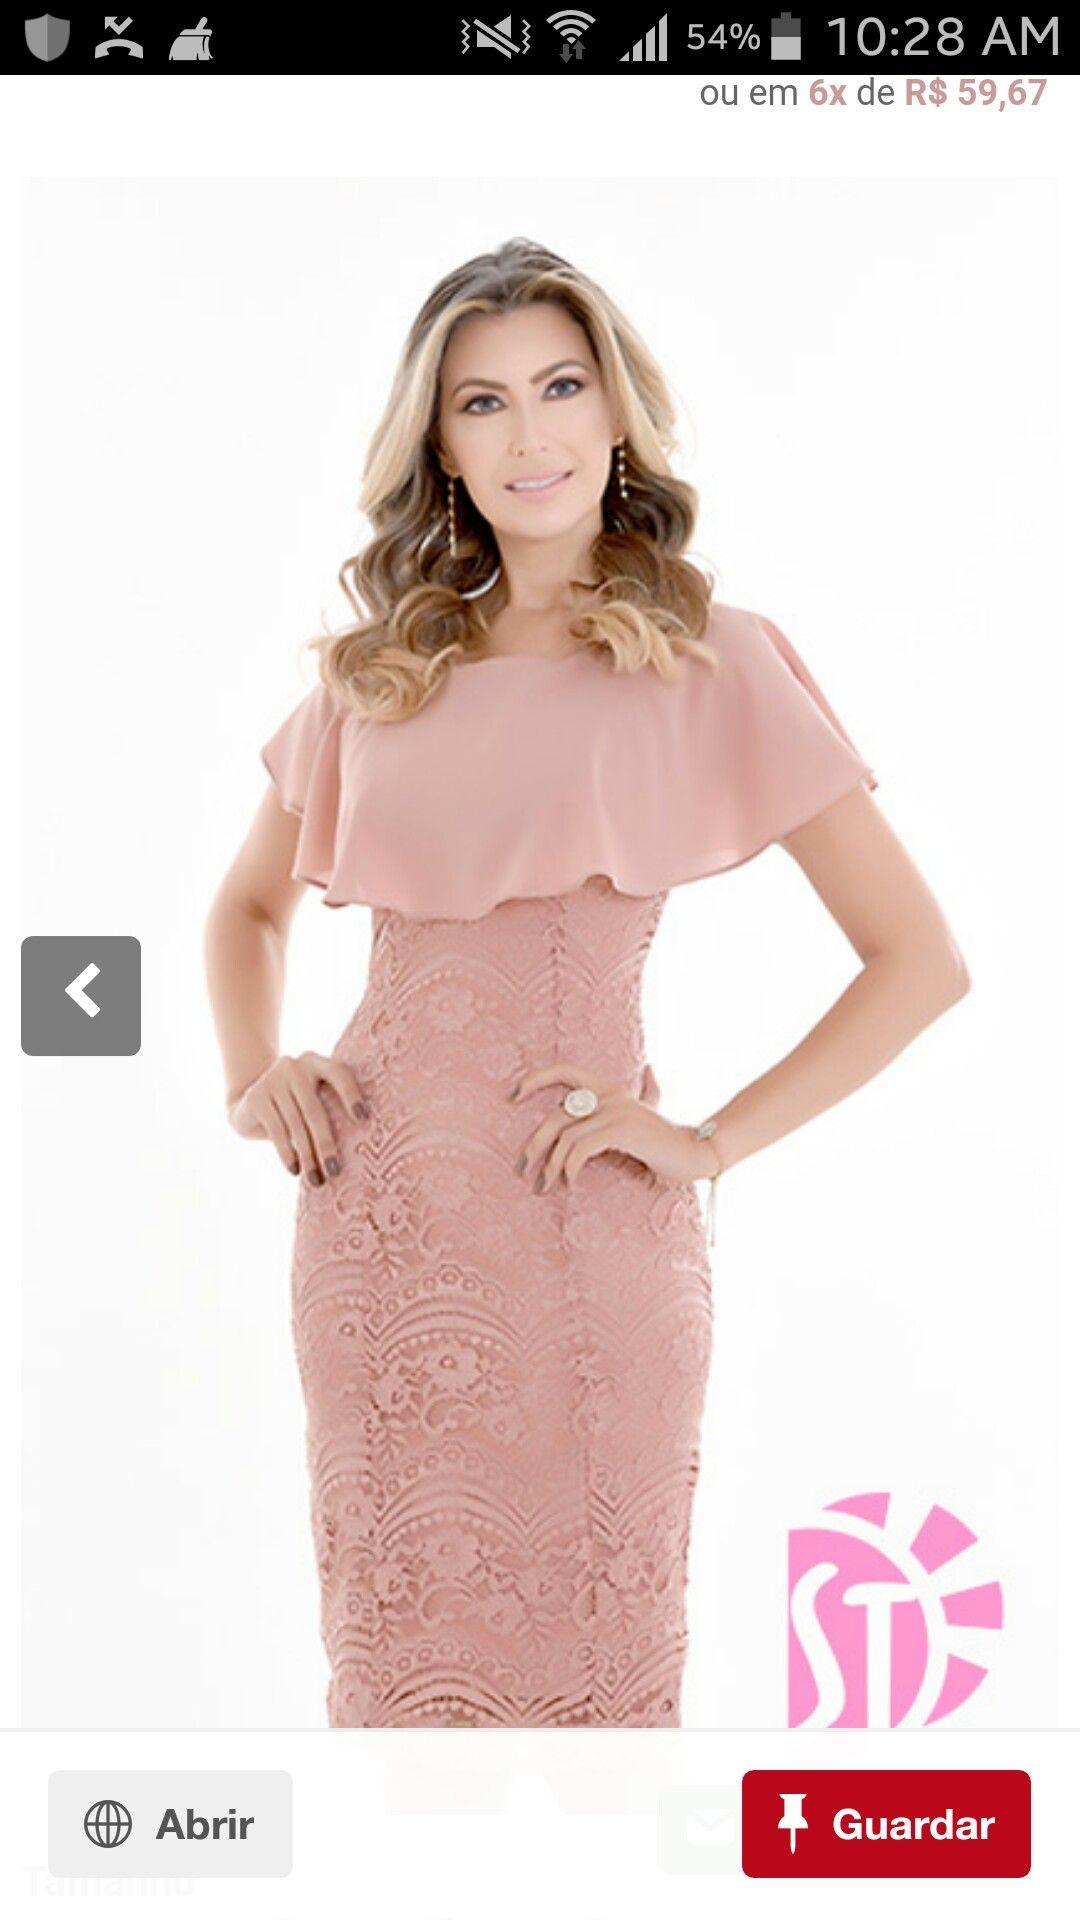 Pin de Charlotte Jarquin en Vestidos | Pinterest | Vestiditos, Damas ...